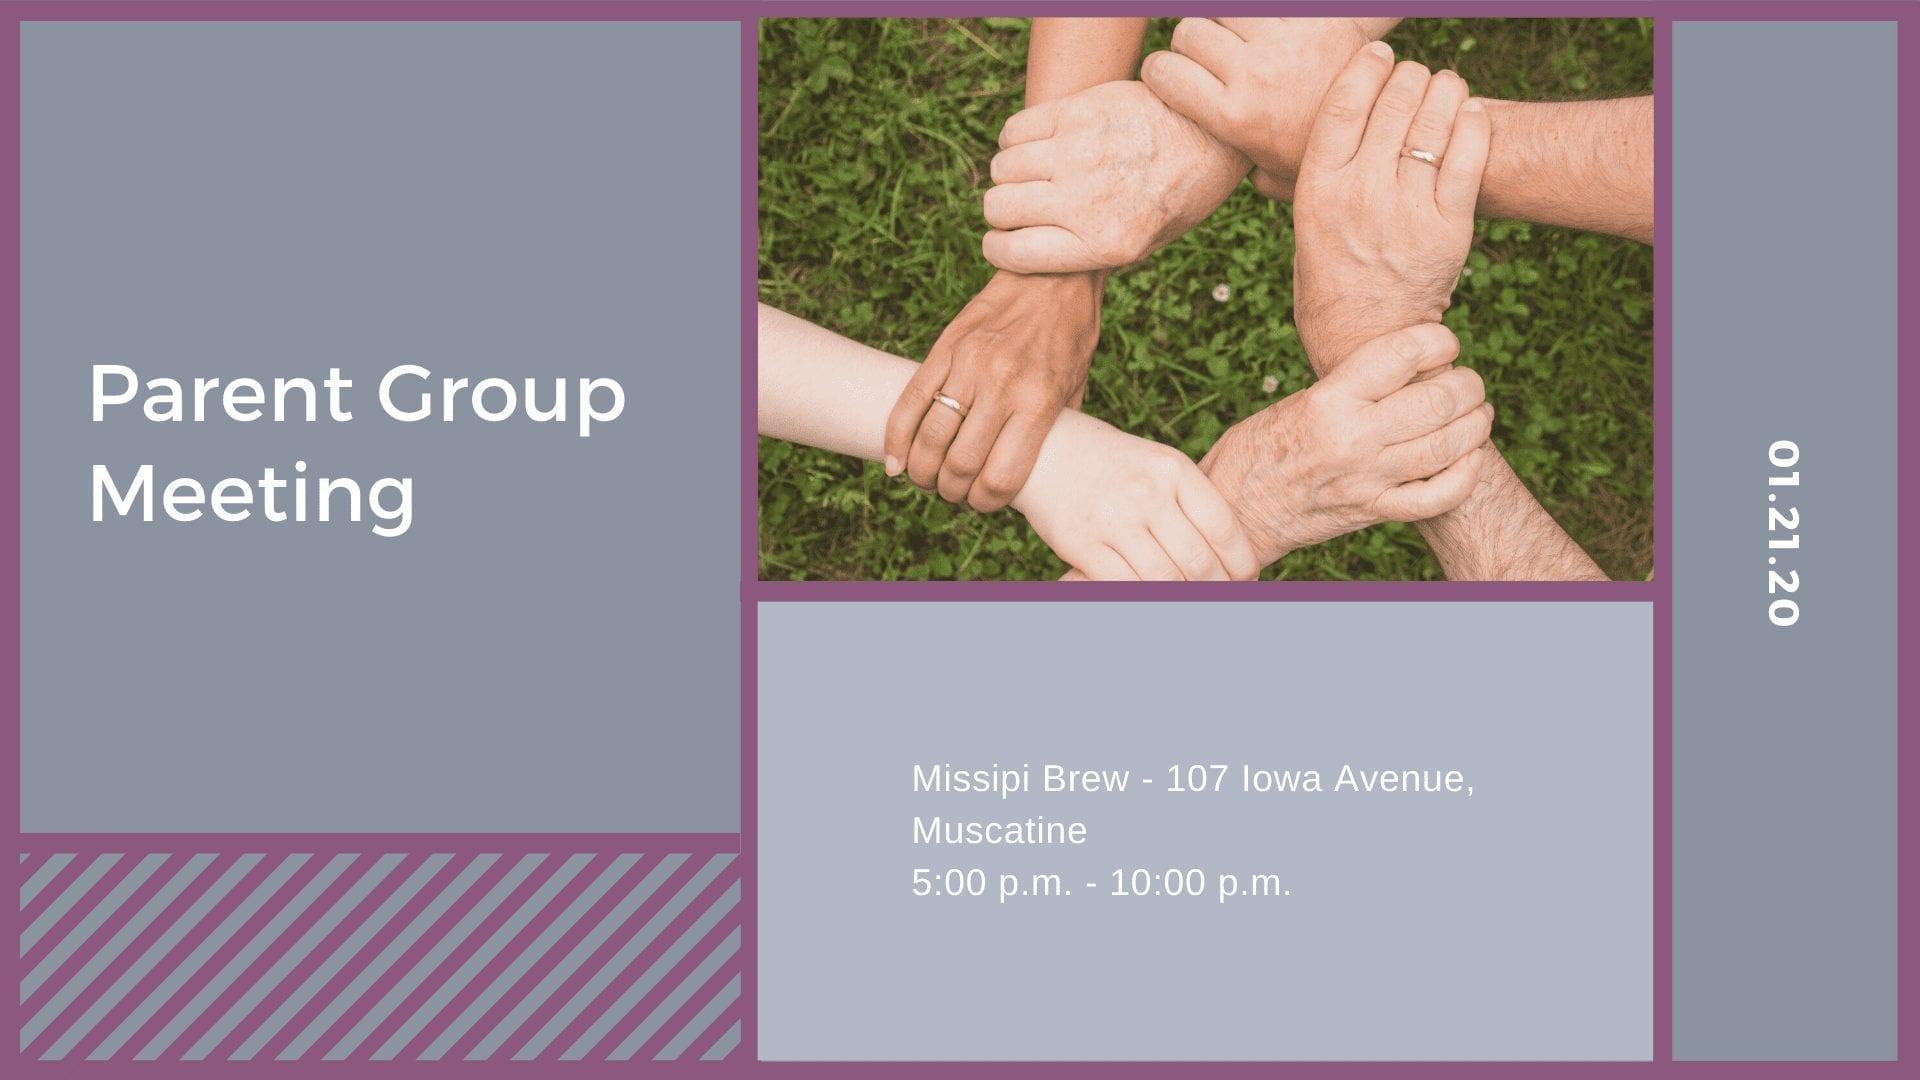 Parent Group Meeting